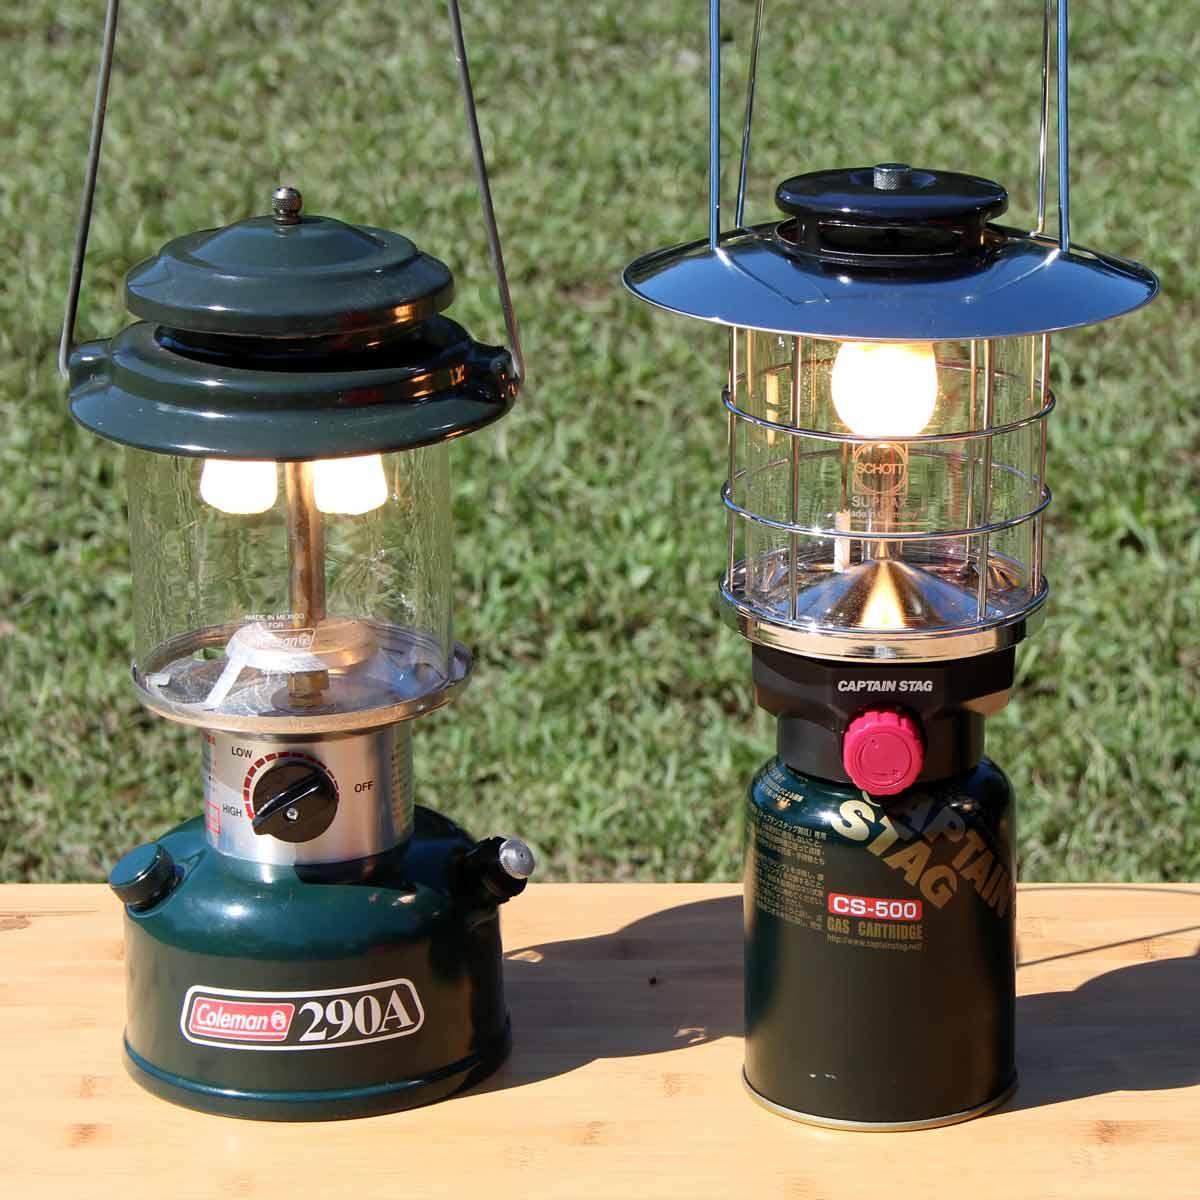 夜のキャンプサイトの必需品! 炎ゆらめく燃焼式と安全性の高いLED、どのランタンを選ぶ?